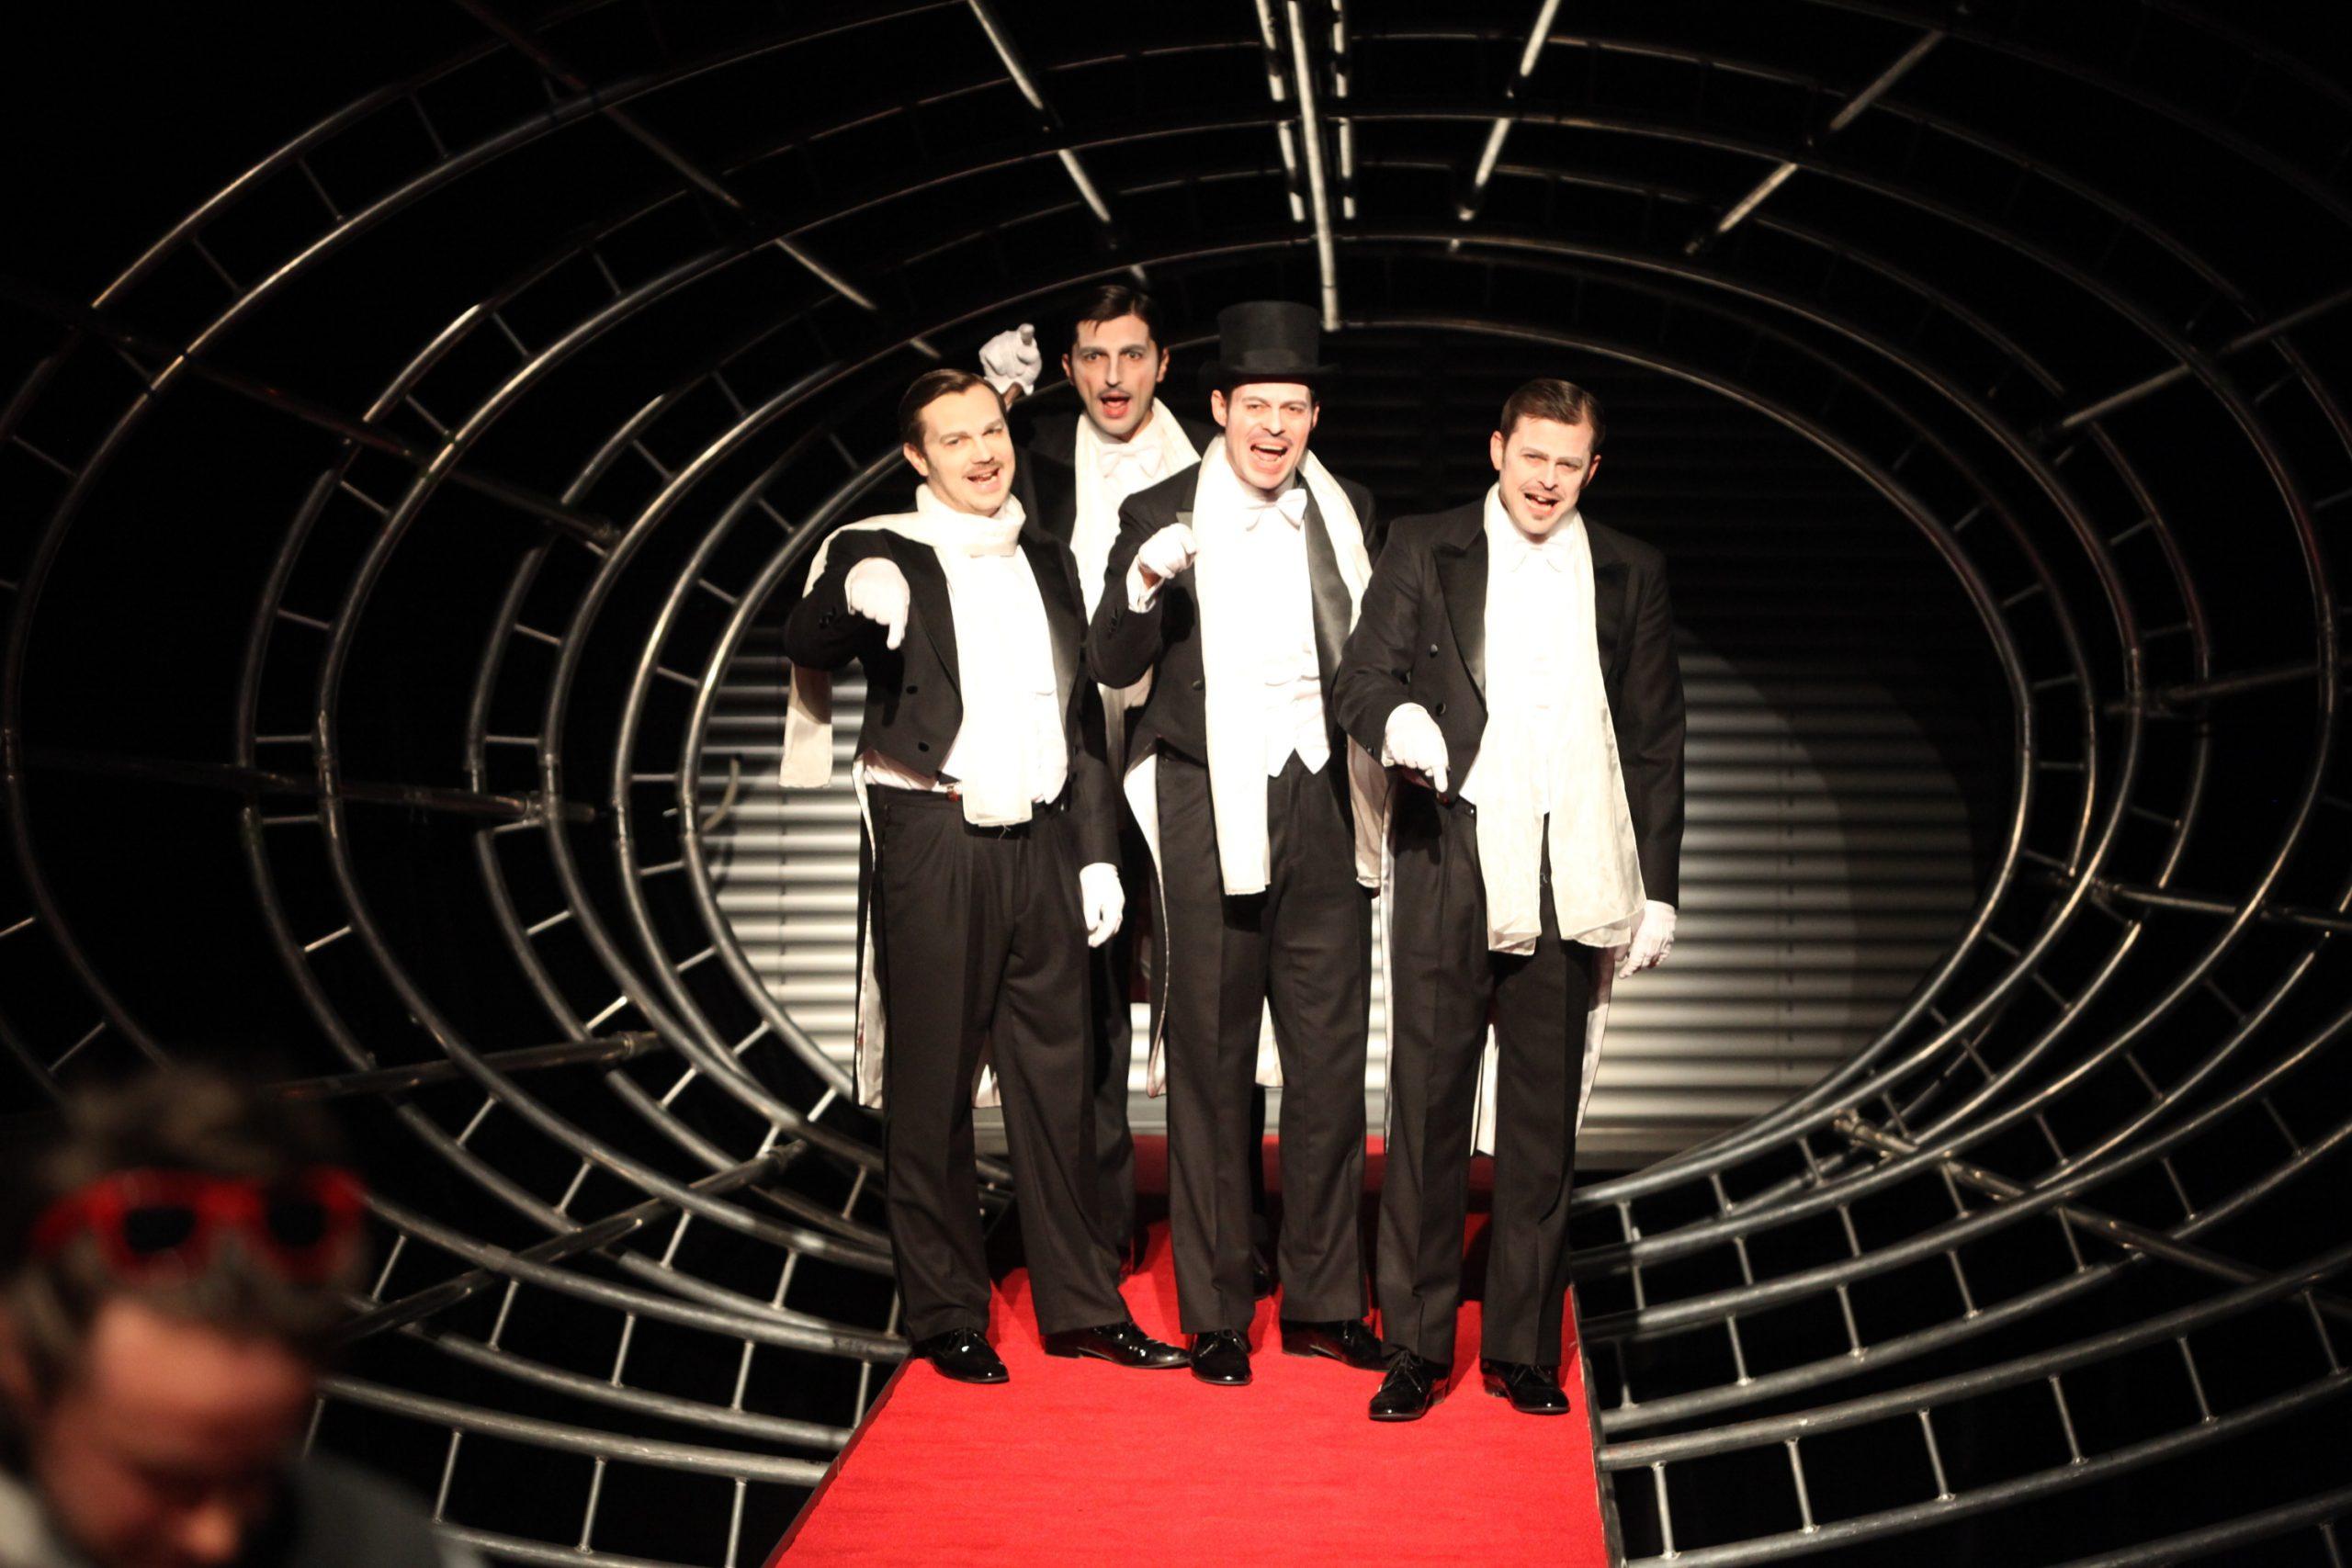 divadelná scéna - predstavenie v divadle Aréna